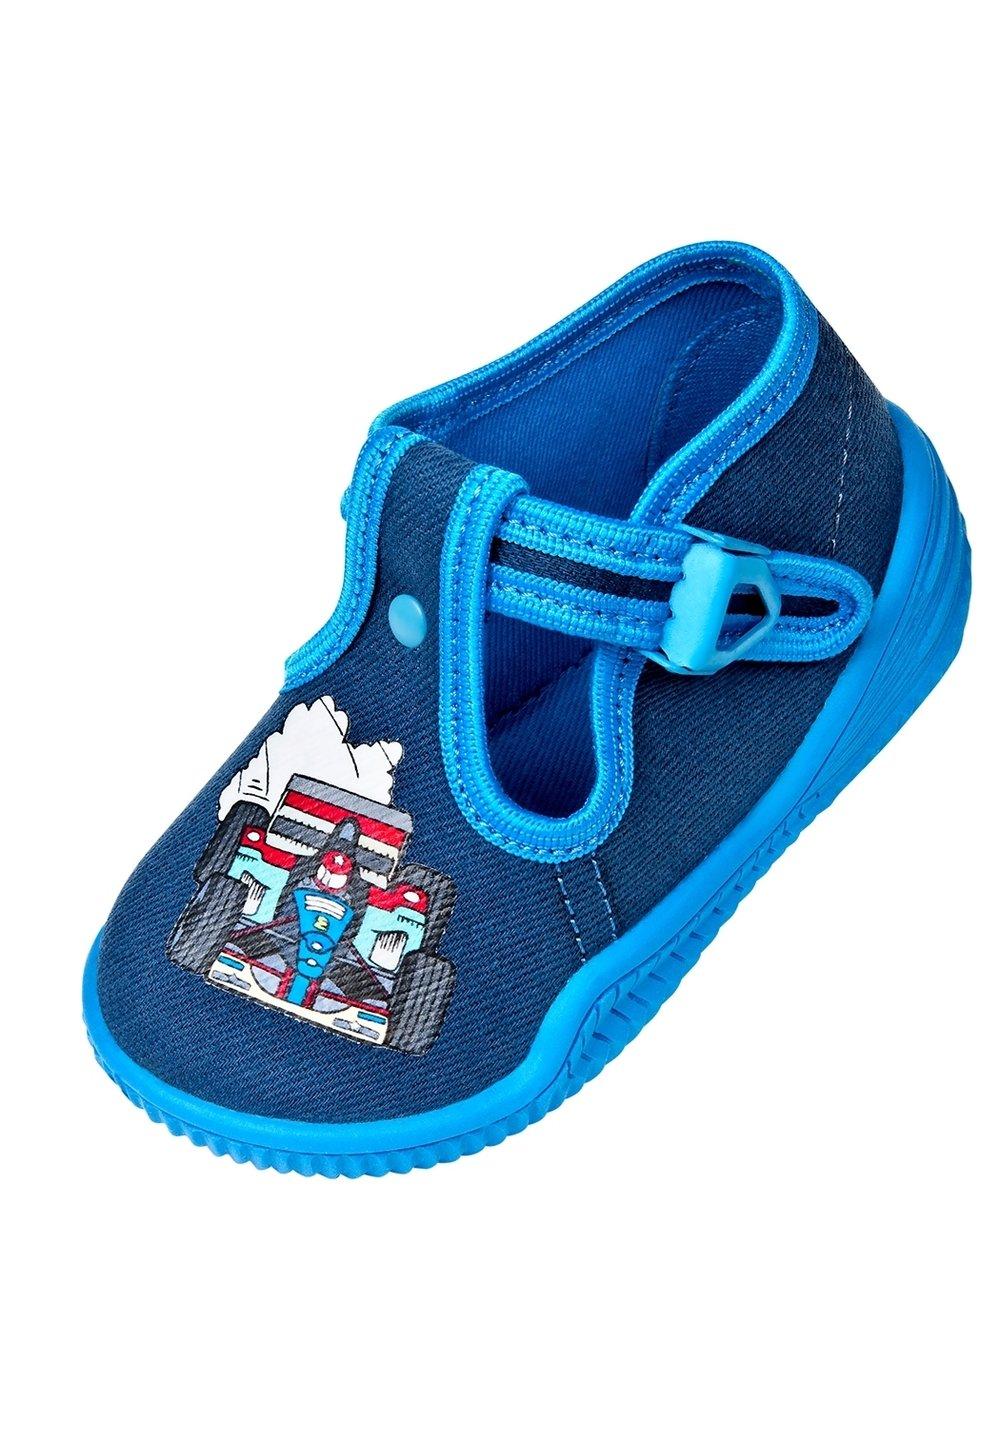 Incaltaminte panza, albastru cu bluemarin, Bambini cu masinuta imagine